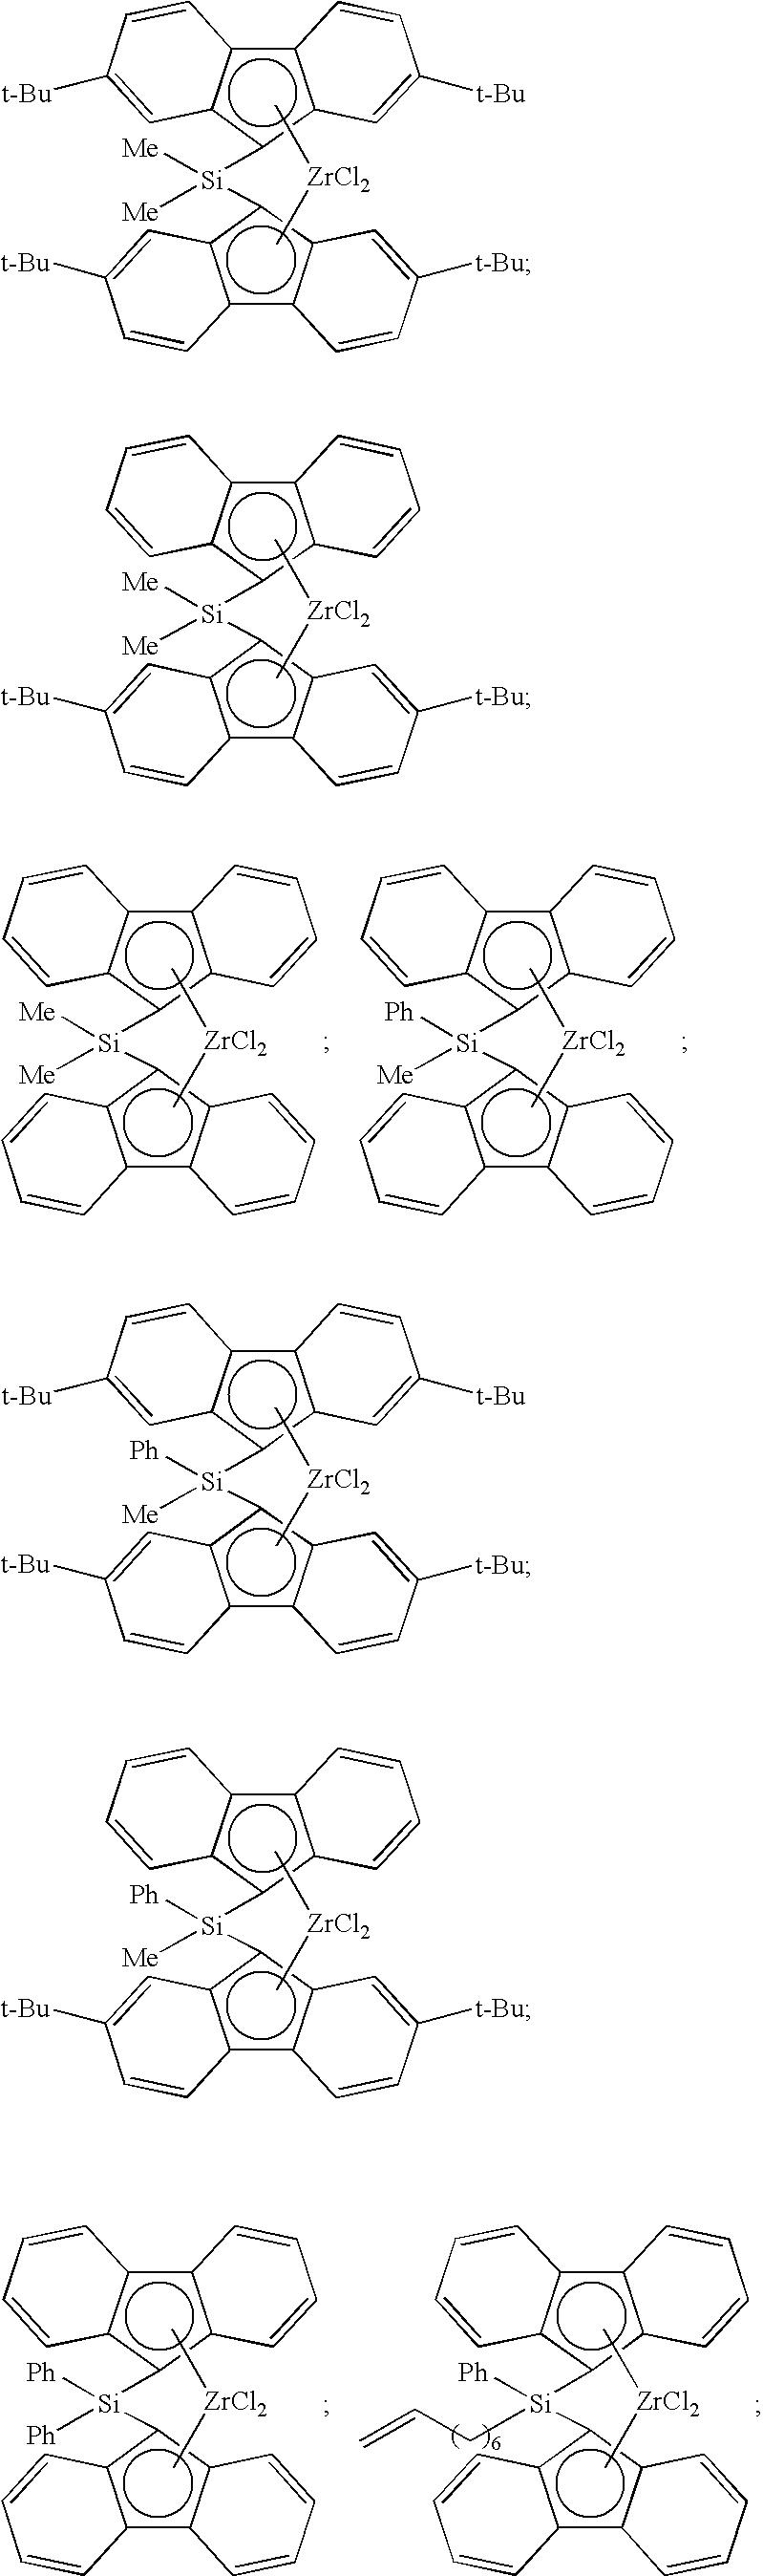 Figure US20100331505A1-20101230-C00027